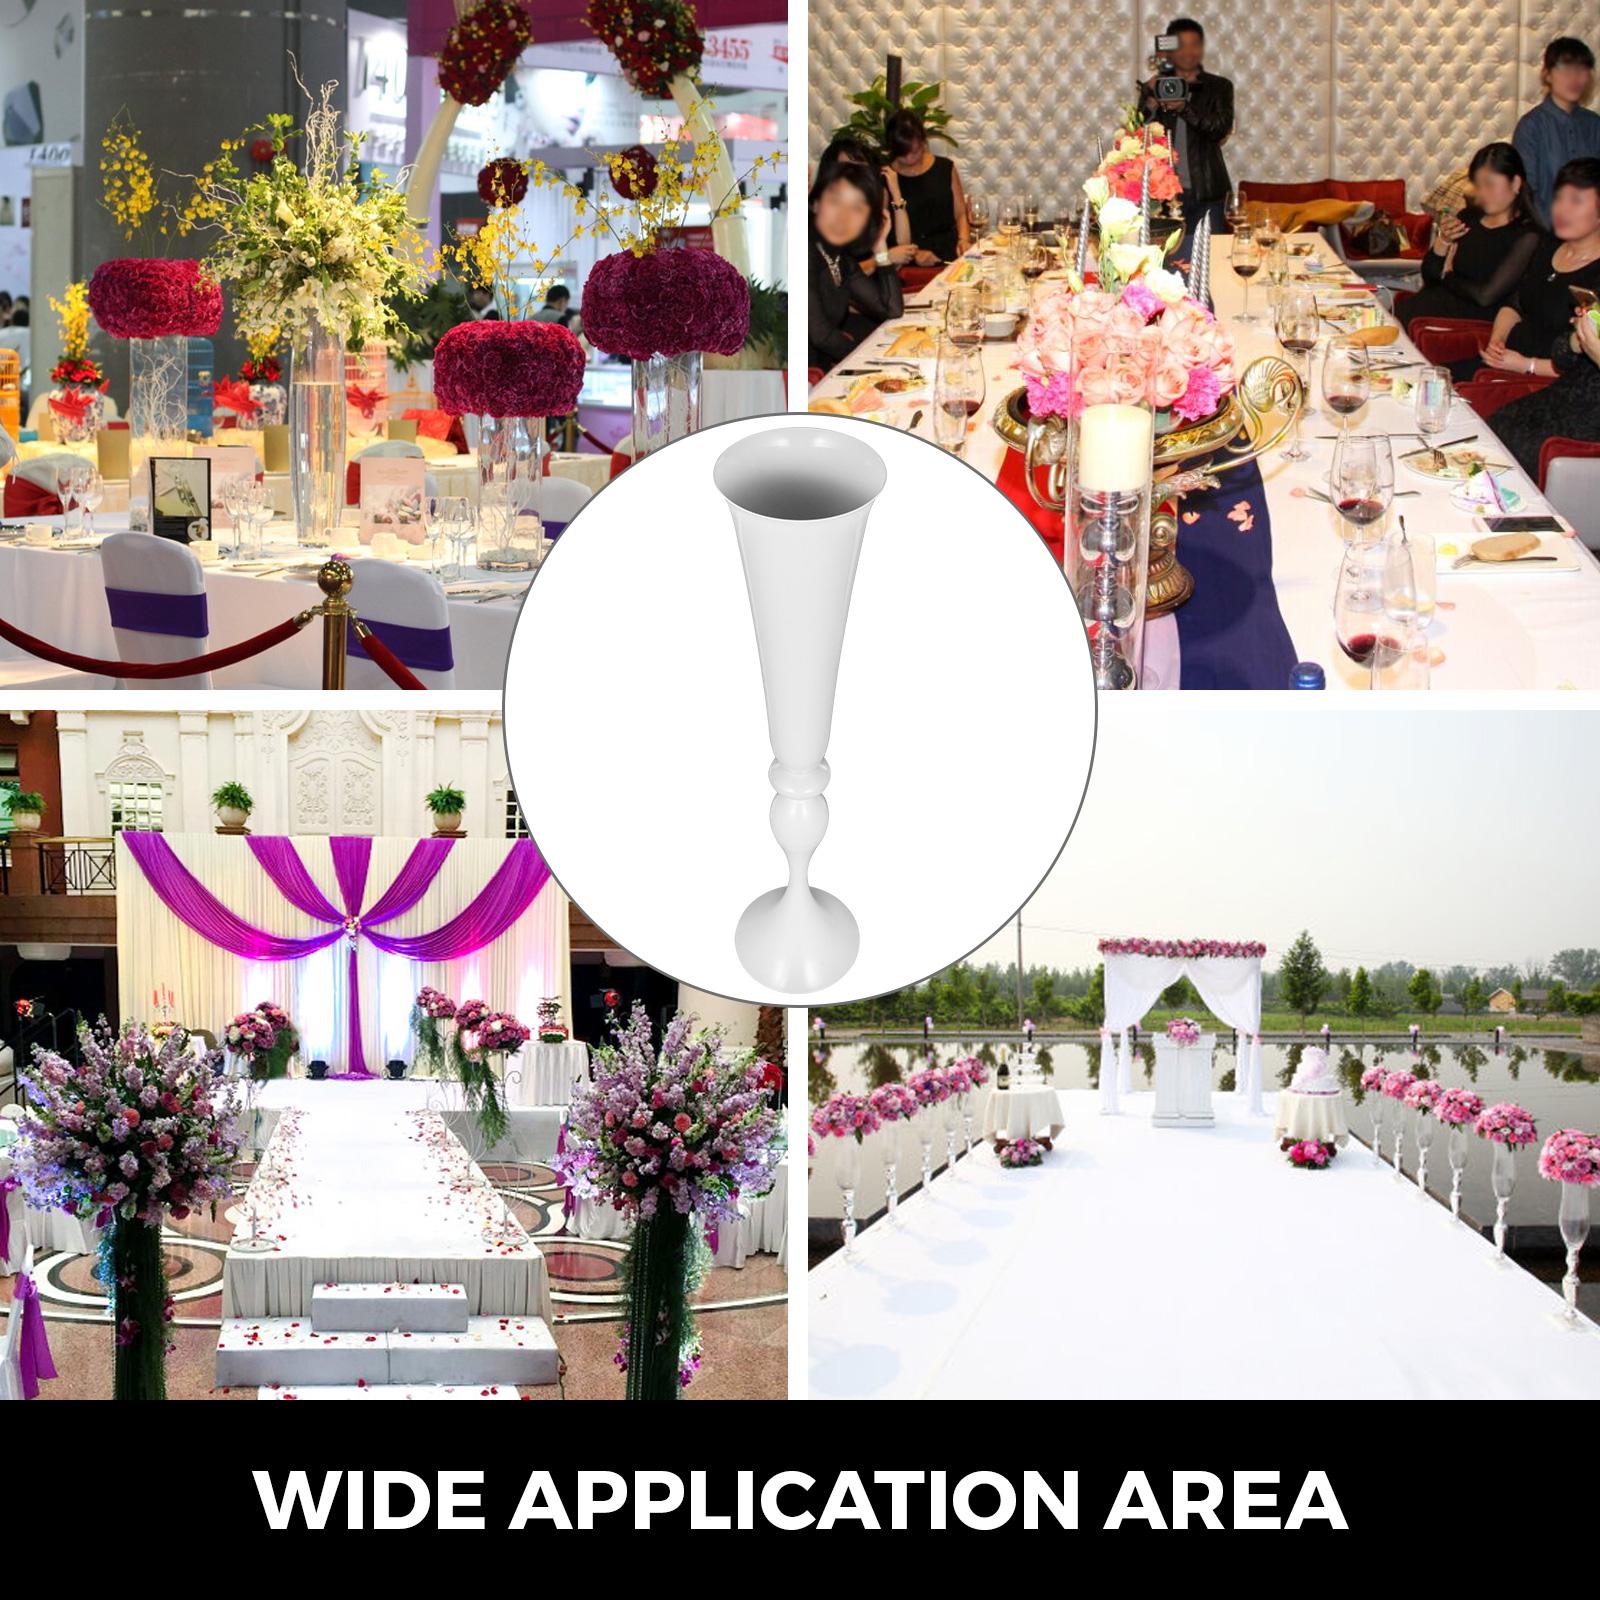 Trumpet-Vase-Flower-Vases-Centerpiece-29-5-034-22-034-for-Party-Celebration-Events thumbnail 43